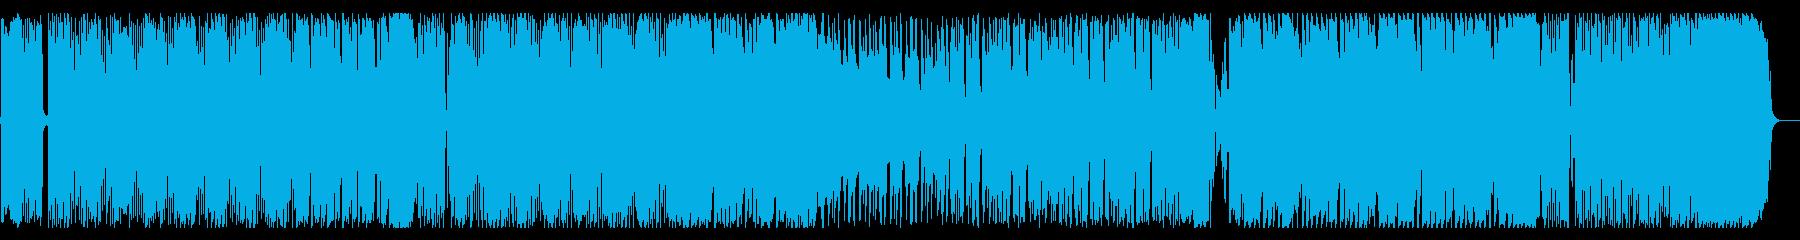 ポップでコミカルなキッズソングの再生済みの波形